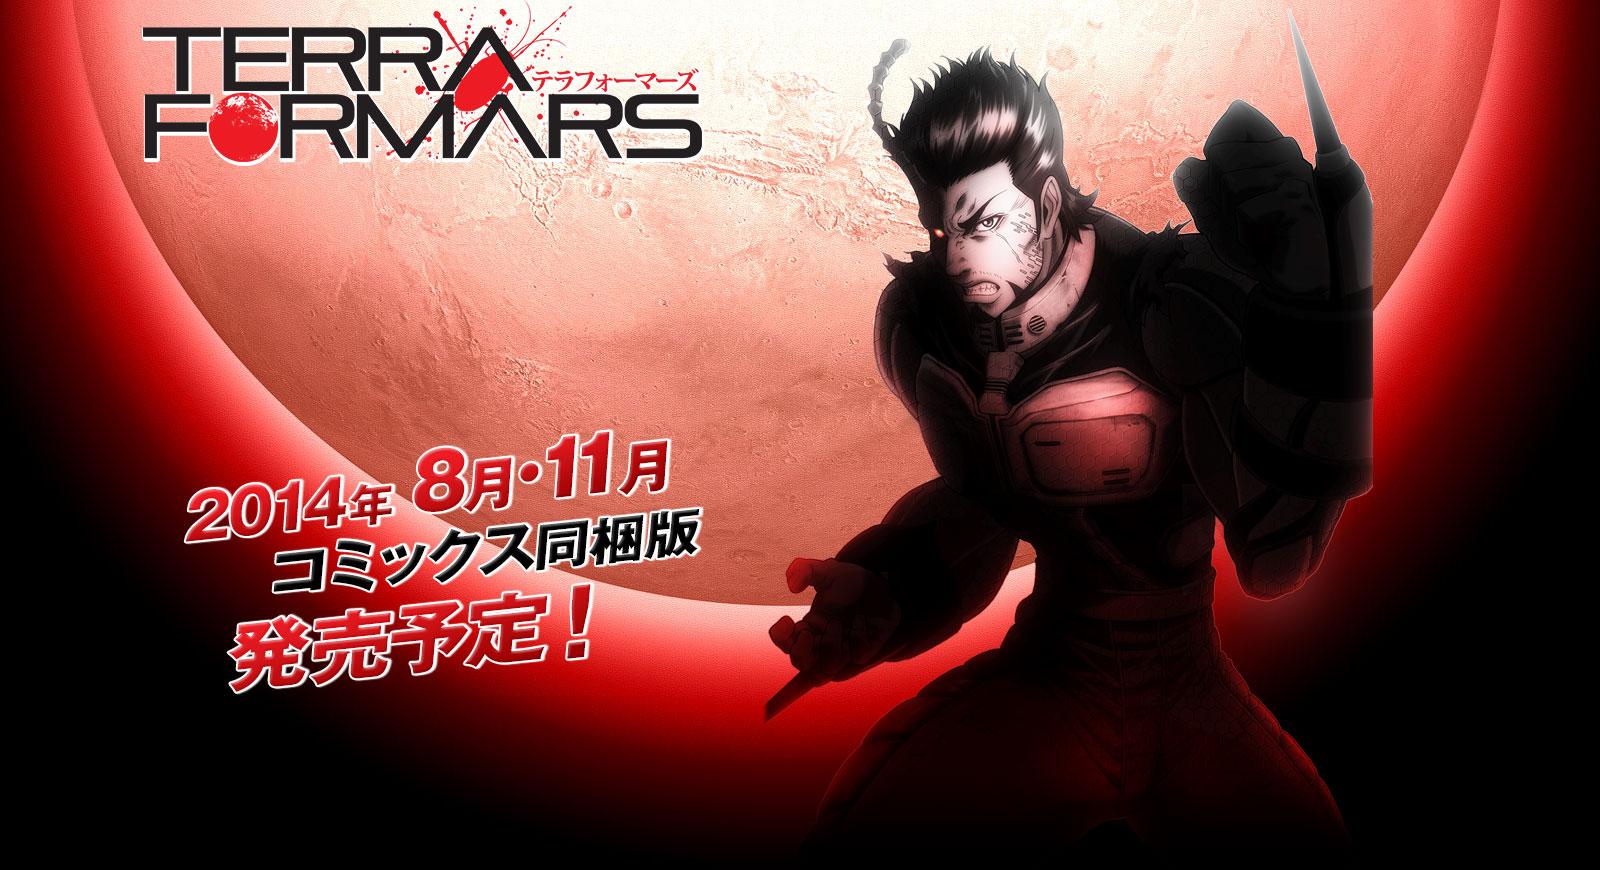 Terra-Formars-OVA-VIsual